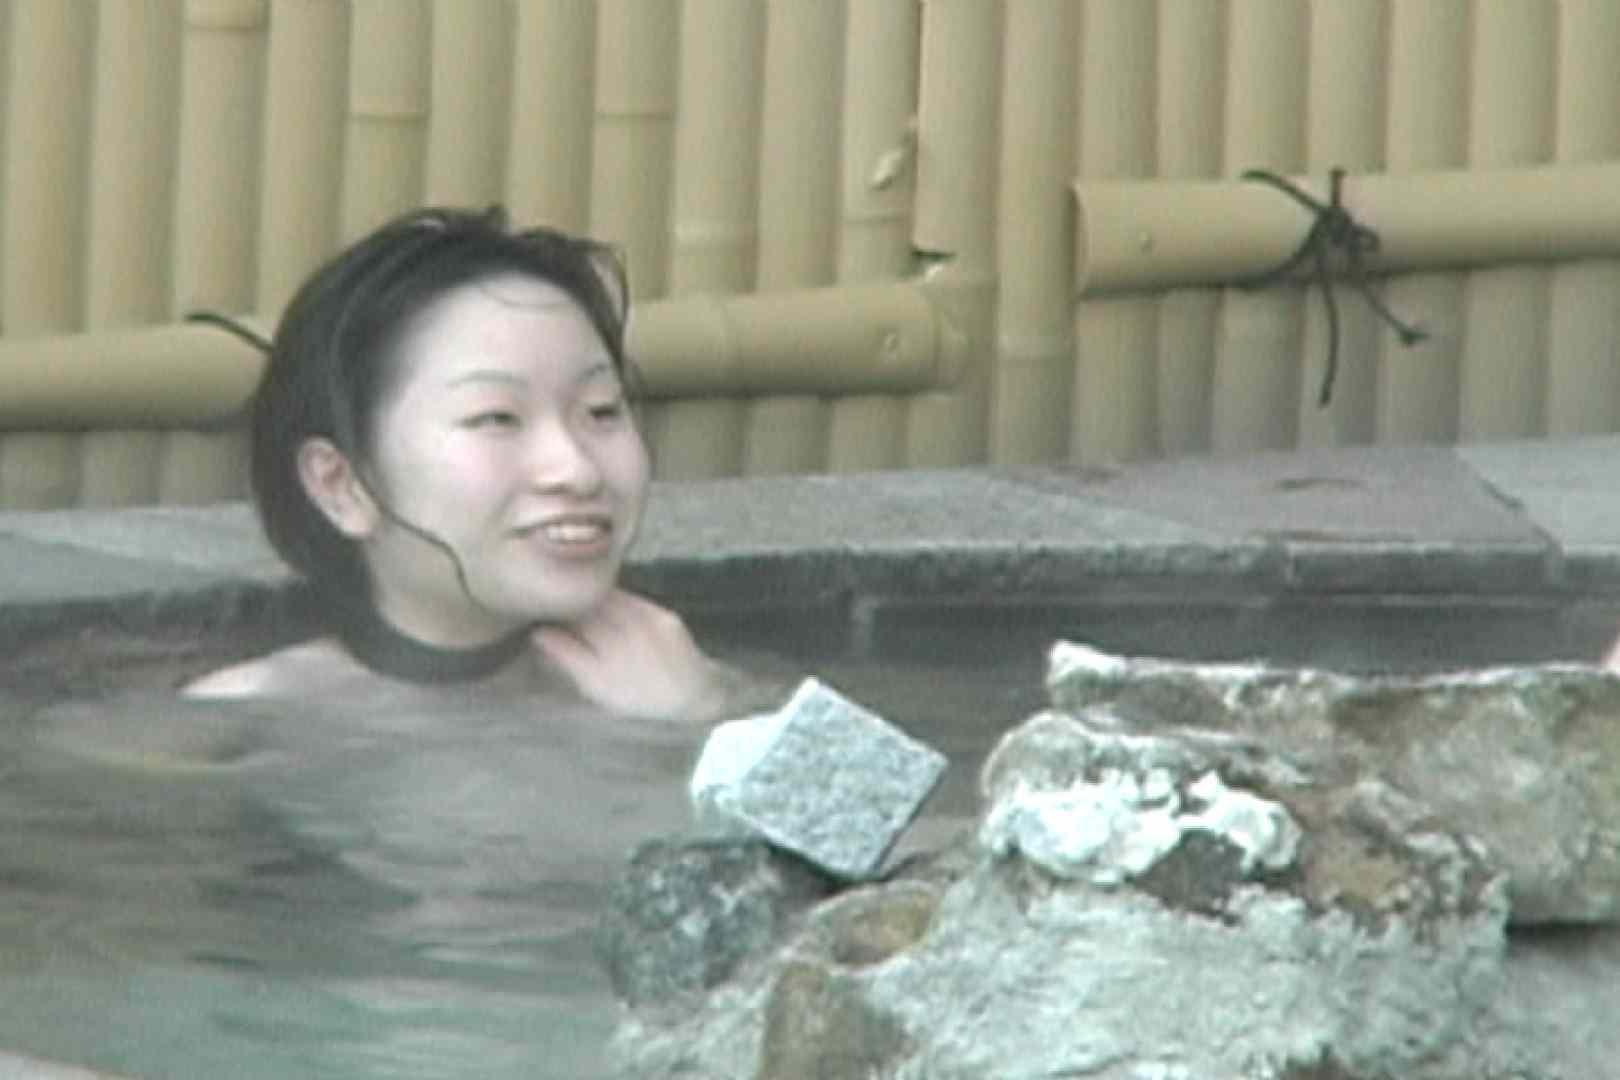 Aquaな露天風呂Vol.595 露天 | 盗撮  112枚 103